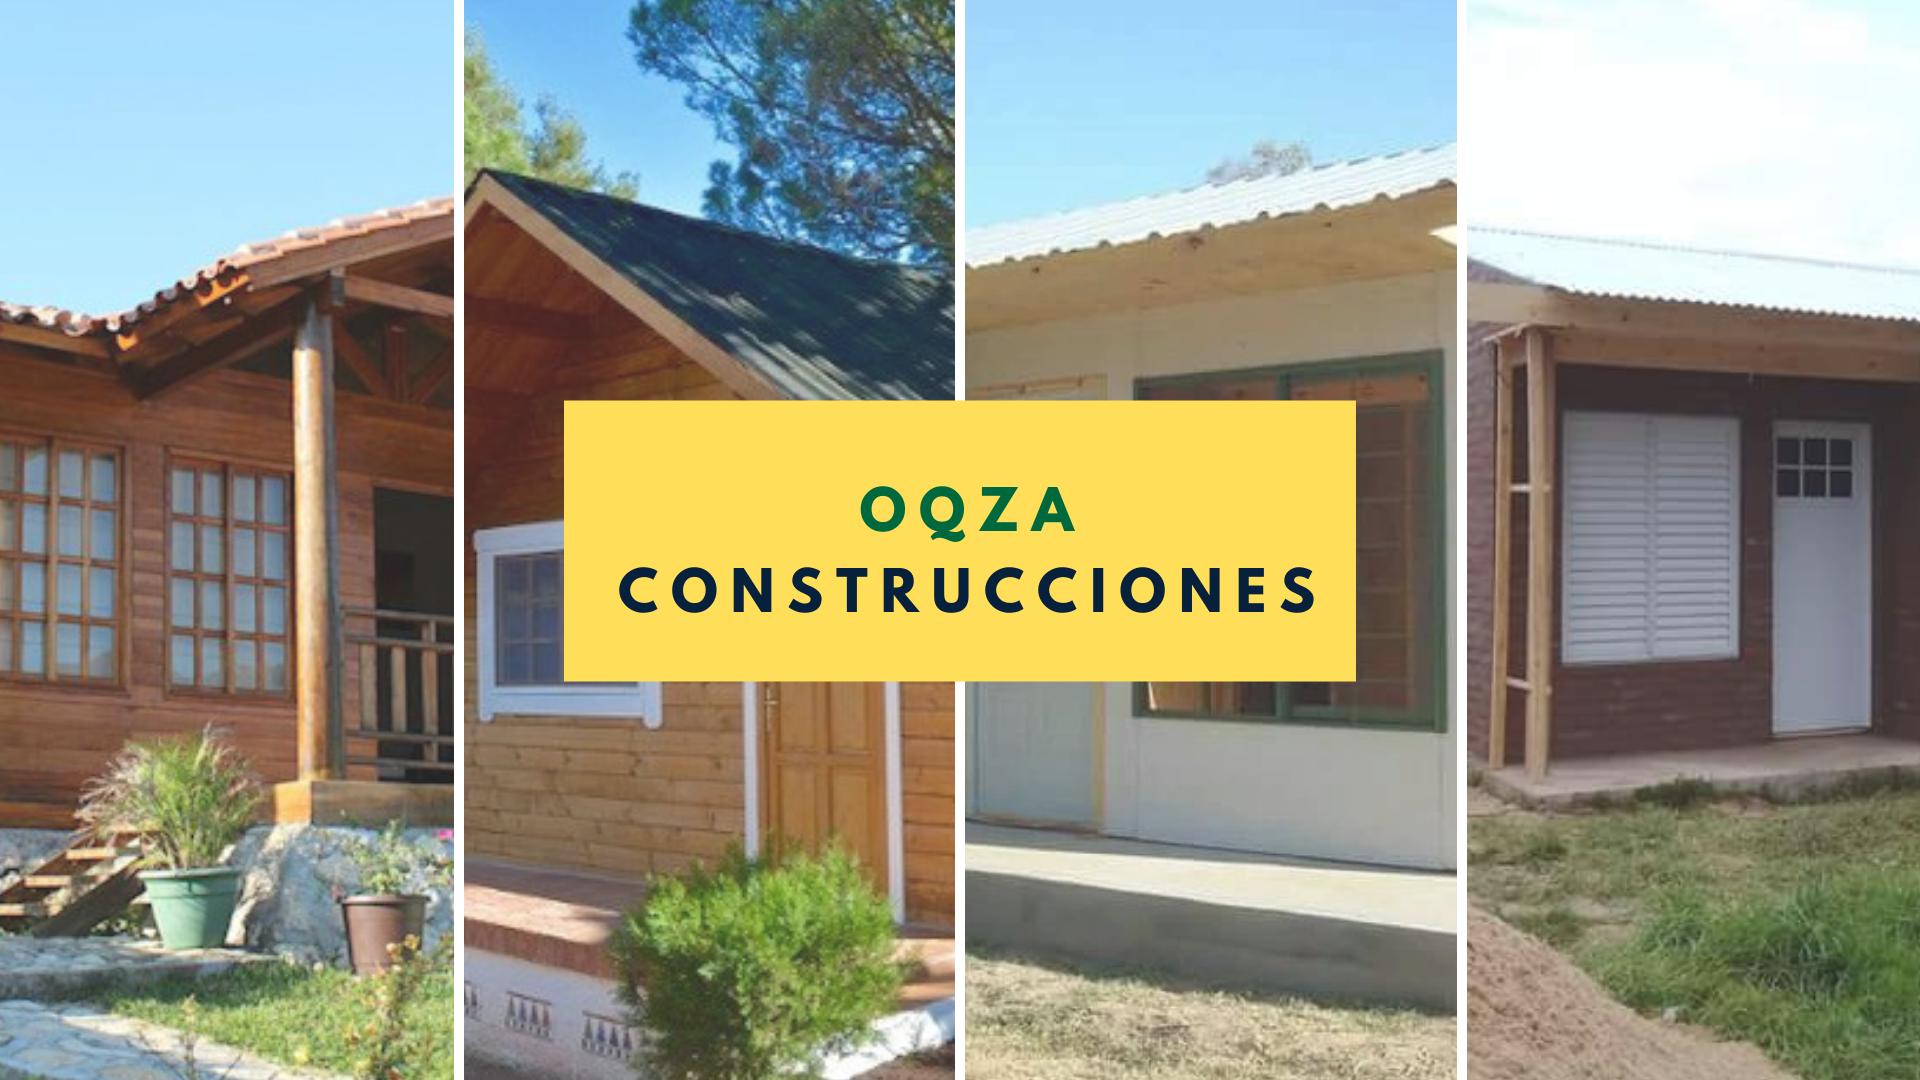 oqza construcciones (3).png